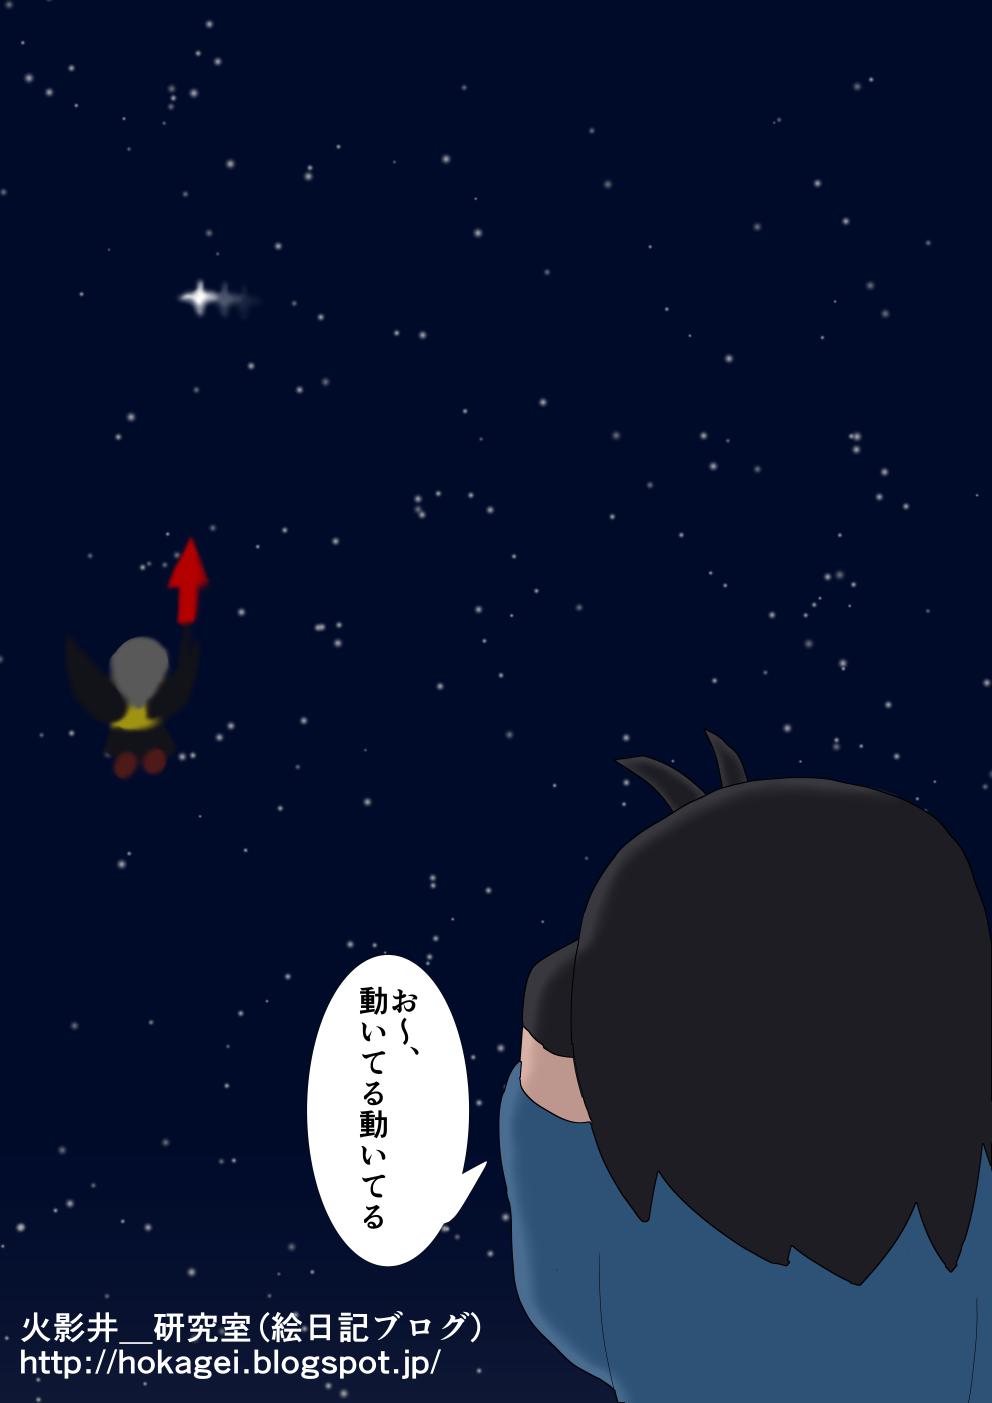 宇宙ステーションを見上げる(八雲楓、羽園雫)